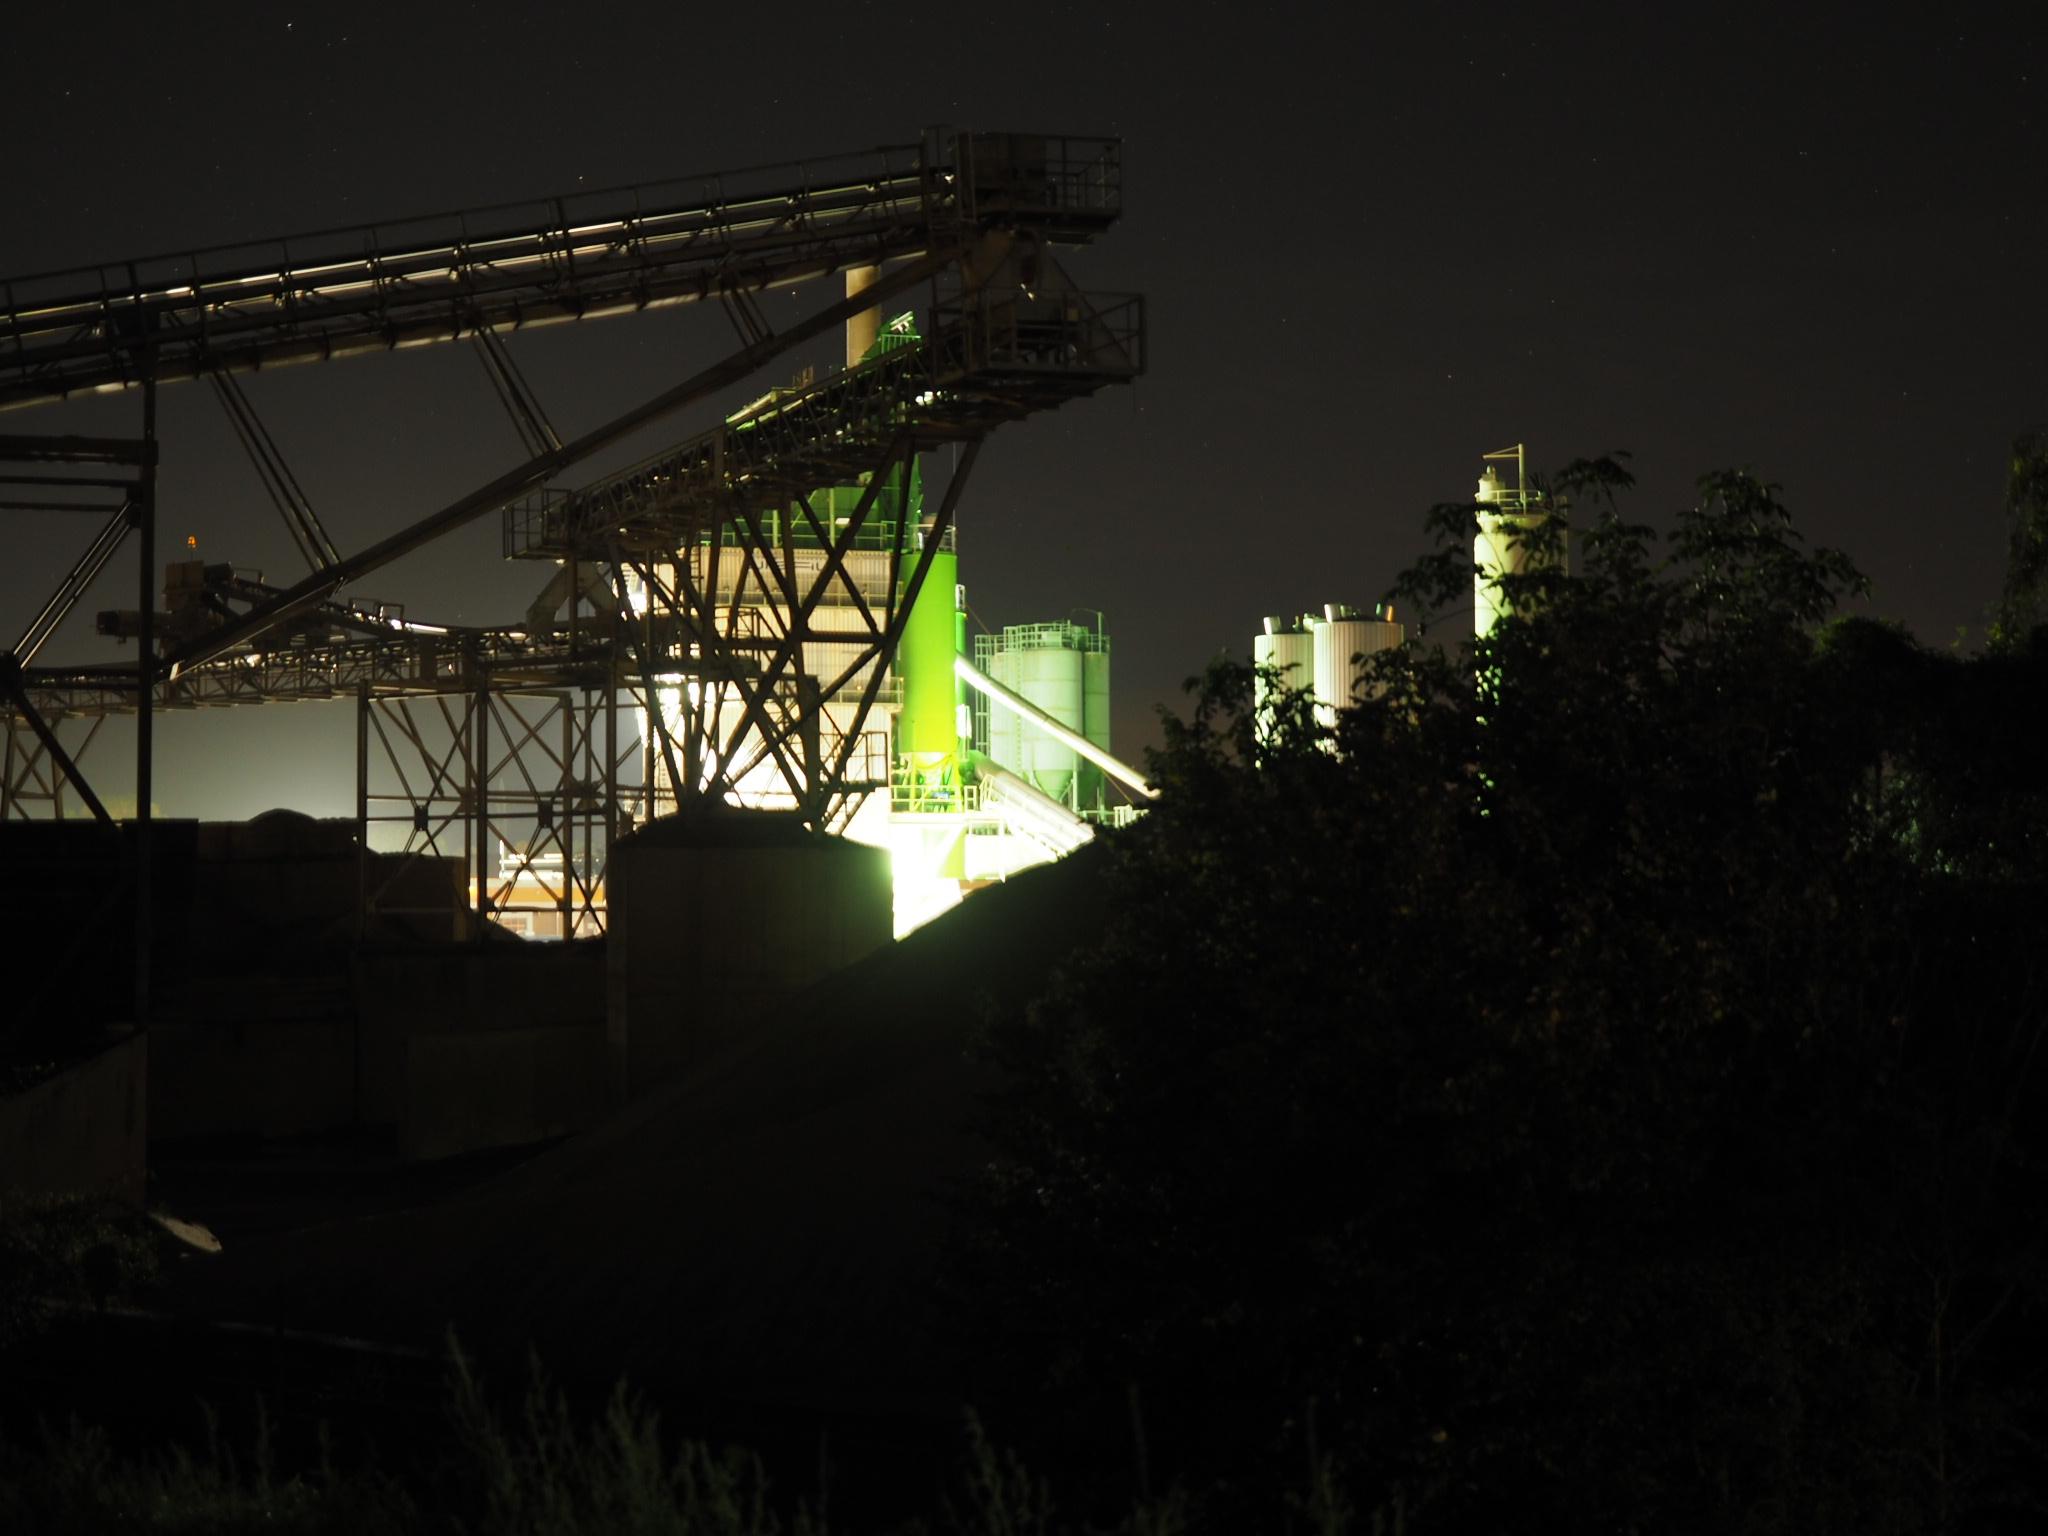 Industriegebiet in Dreye - Abfahrt